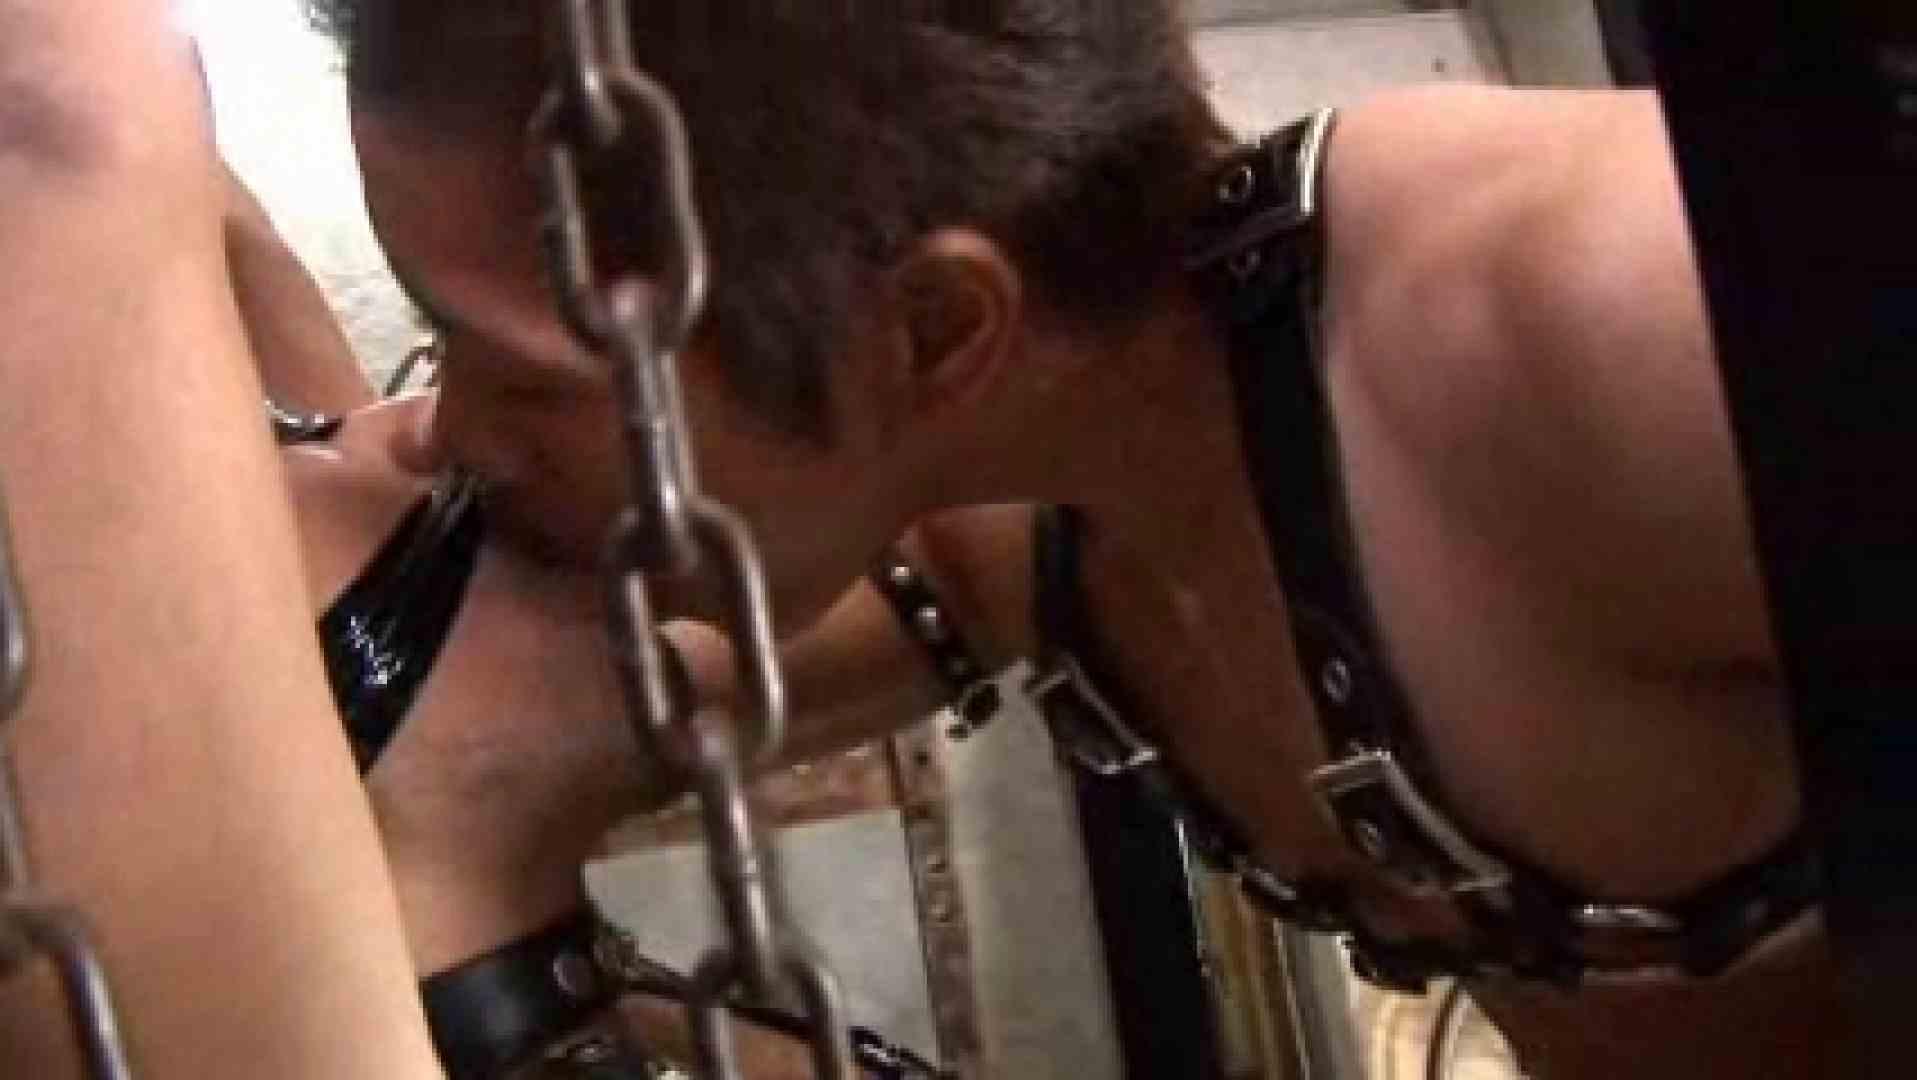 イケメン!!炸裂 Muscle  Stick!! その4 フェラ ゲイ素人エロ画像 111枚 45